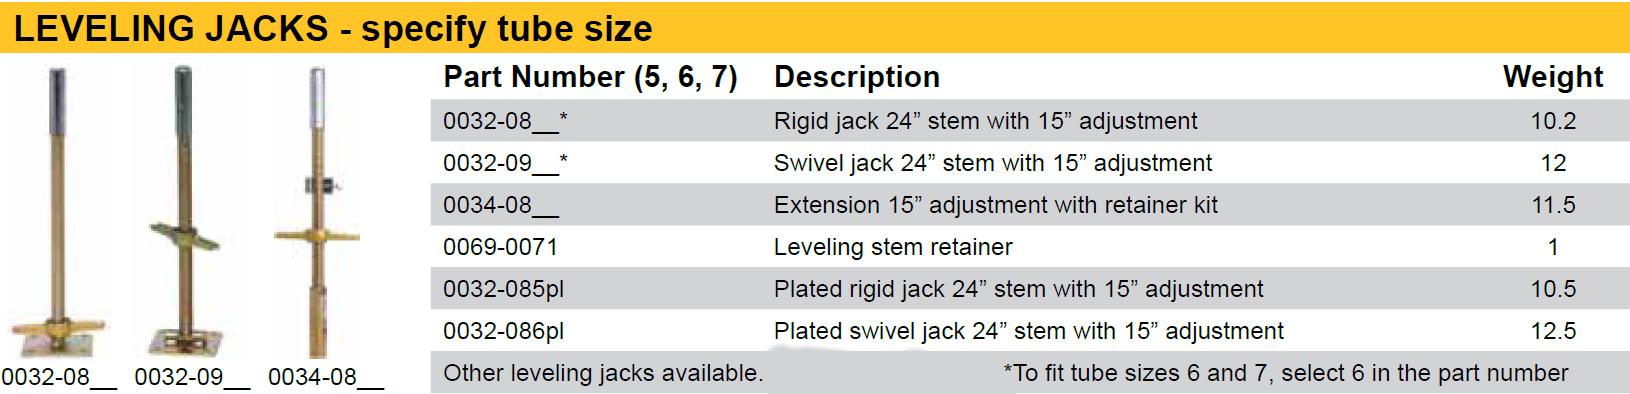 Scaffolding Leveling Jacks